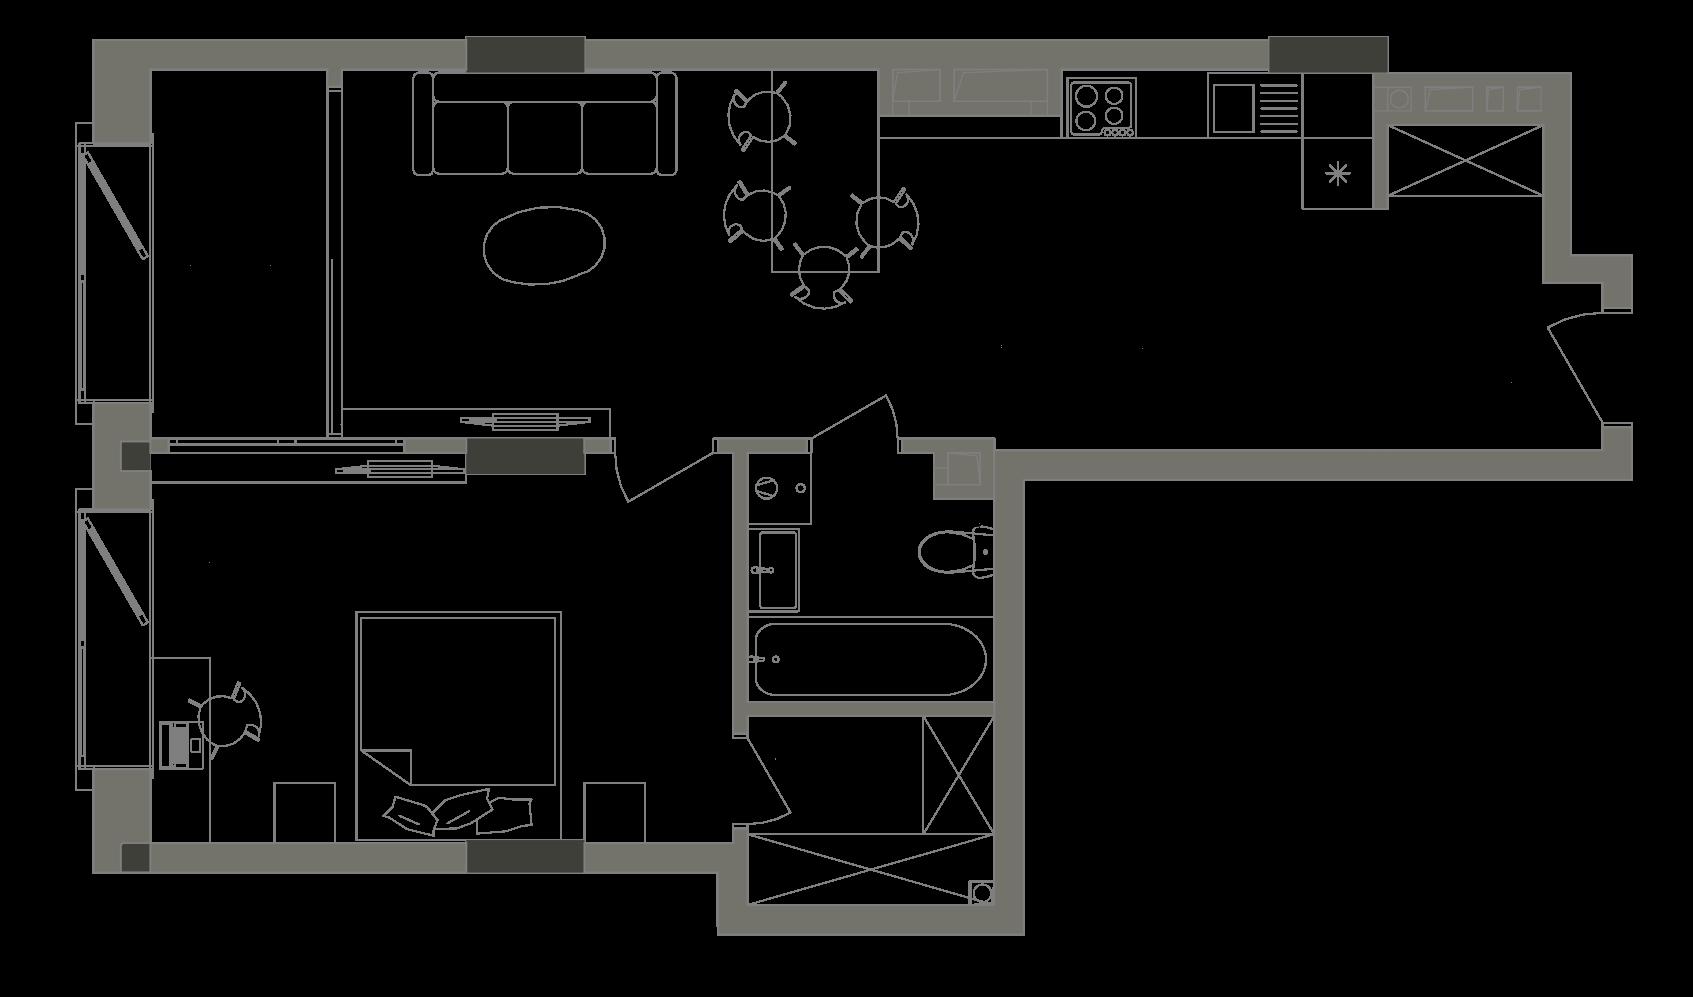 Квартира KV_21_1B_1_1_4